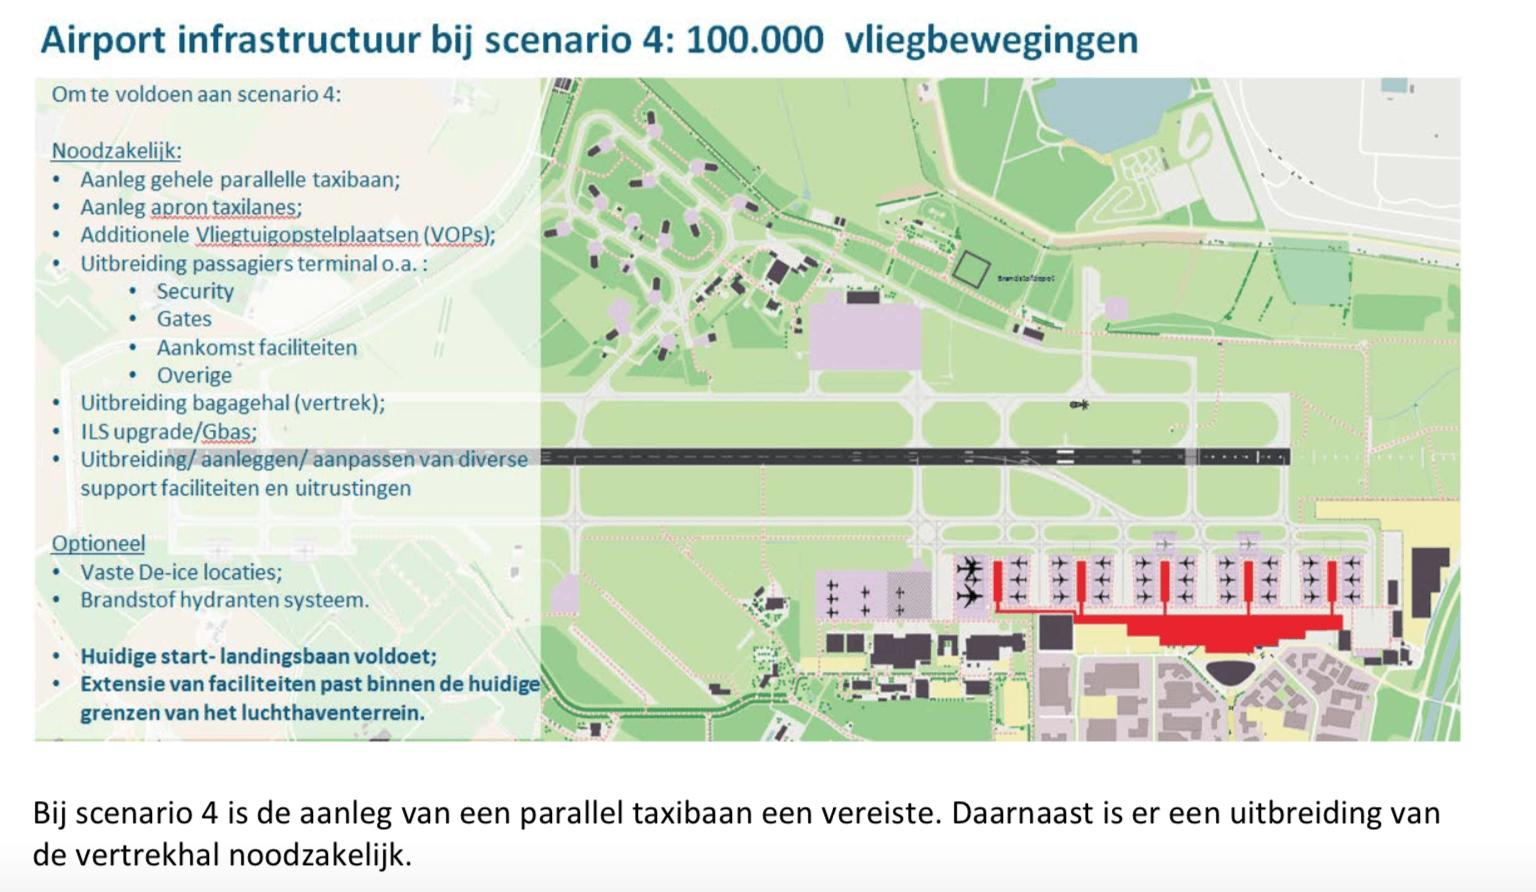 scenario 4 Eindhoven Airport